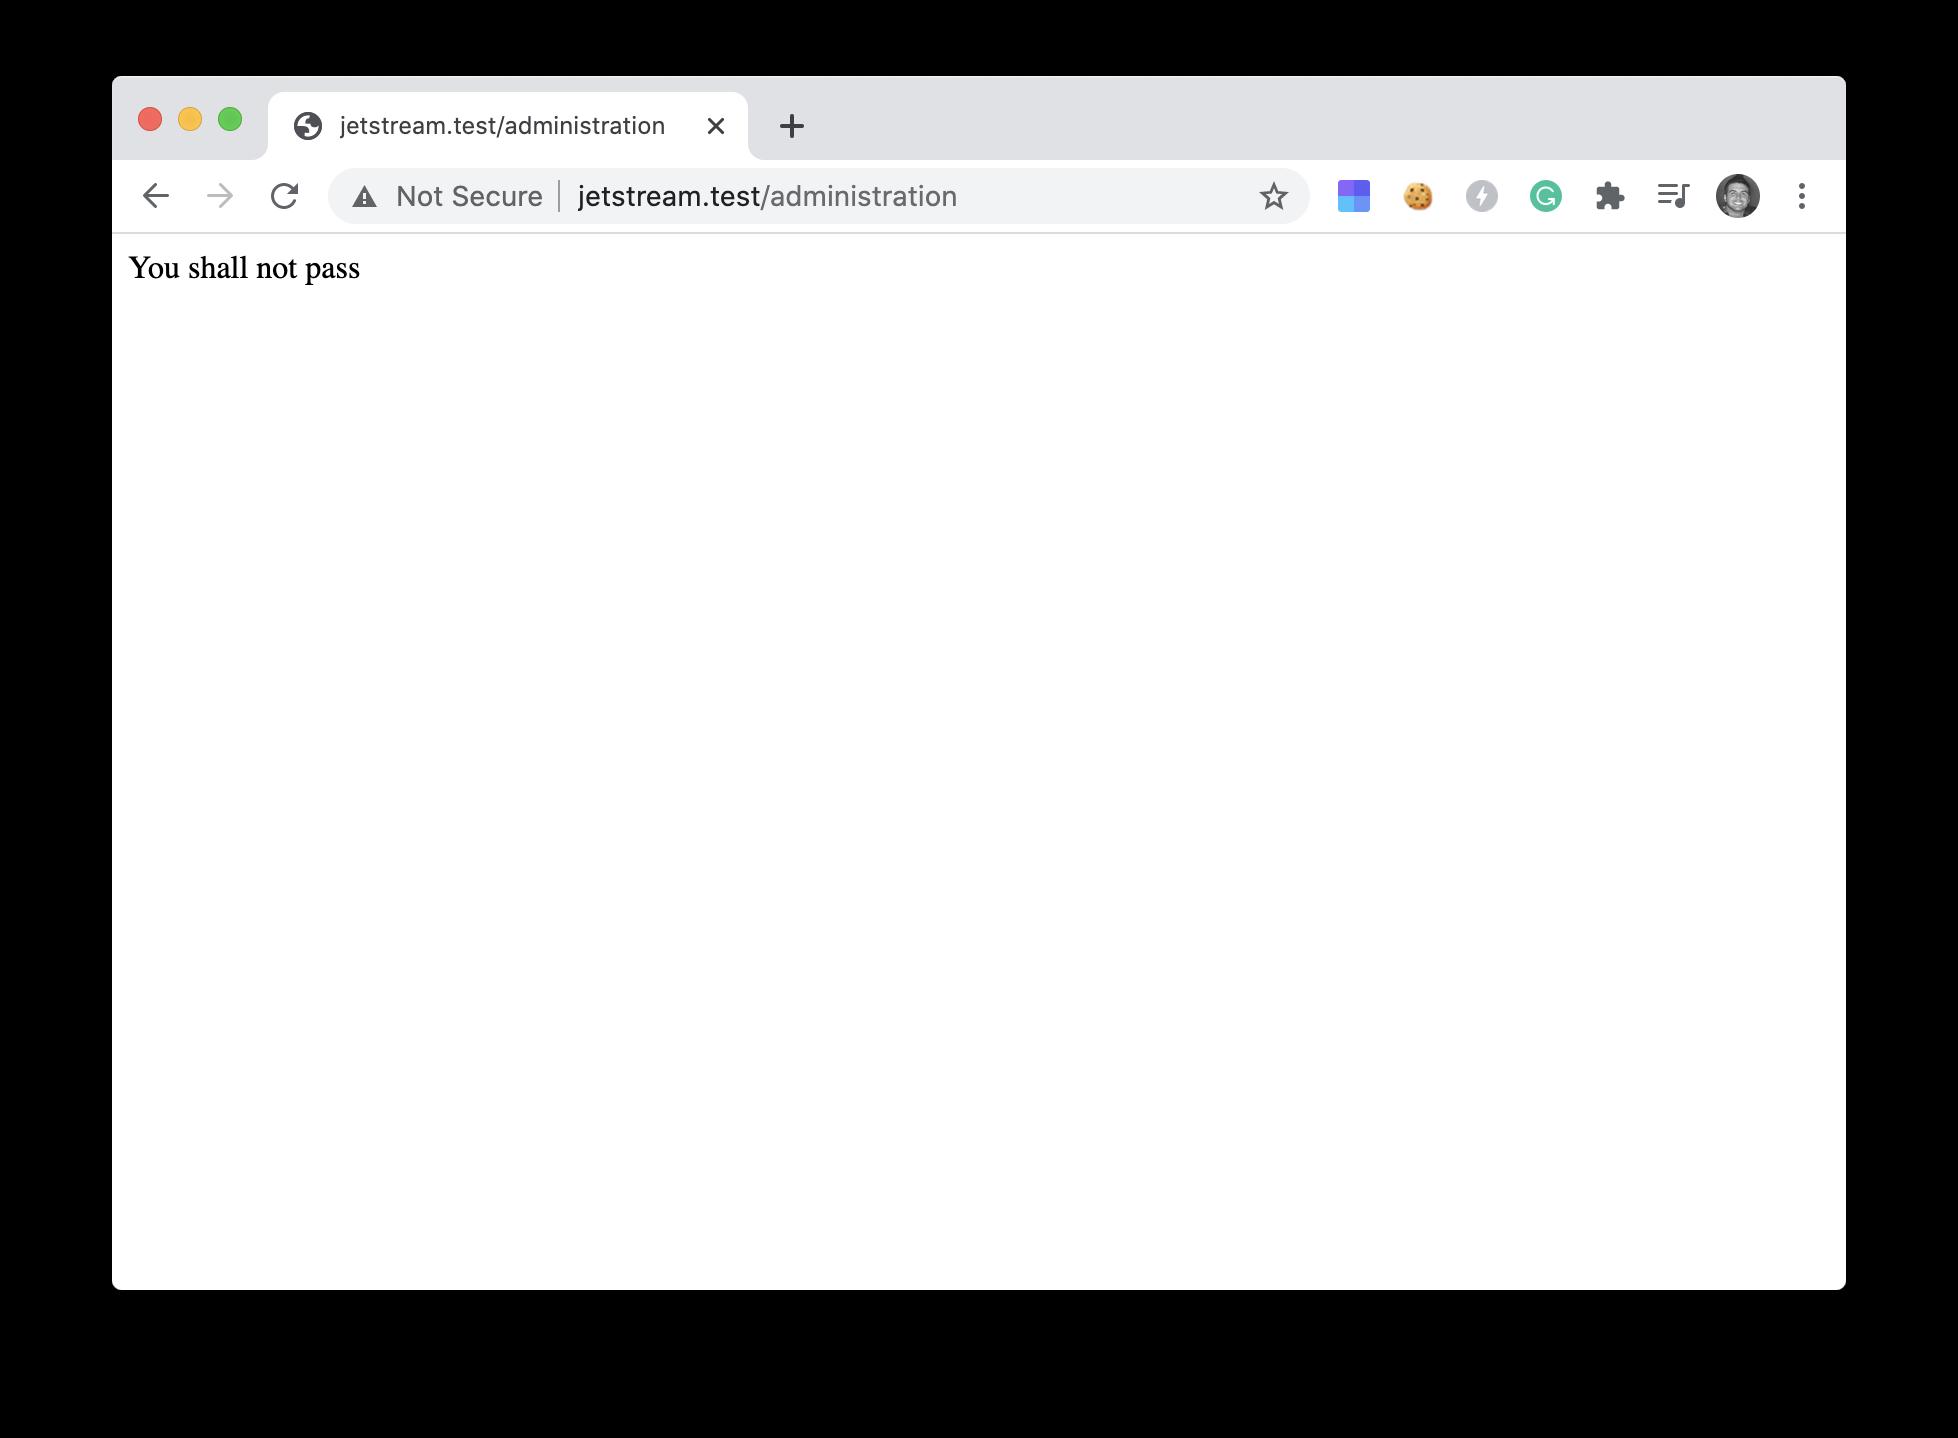 Admin denied access